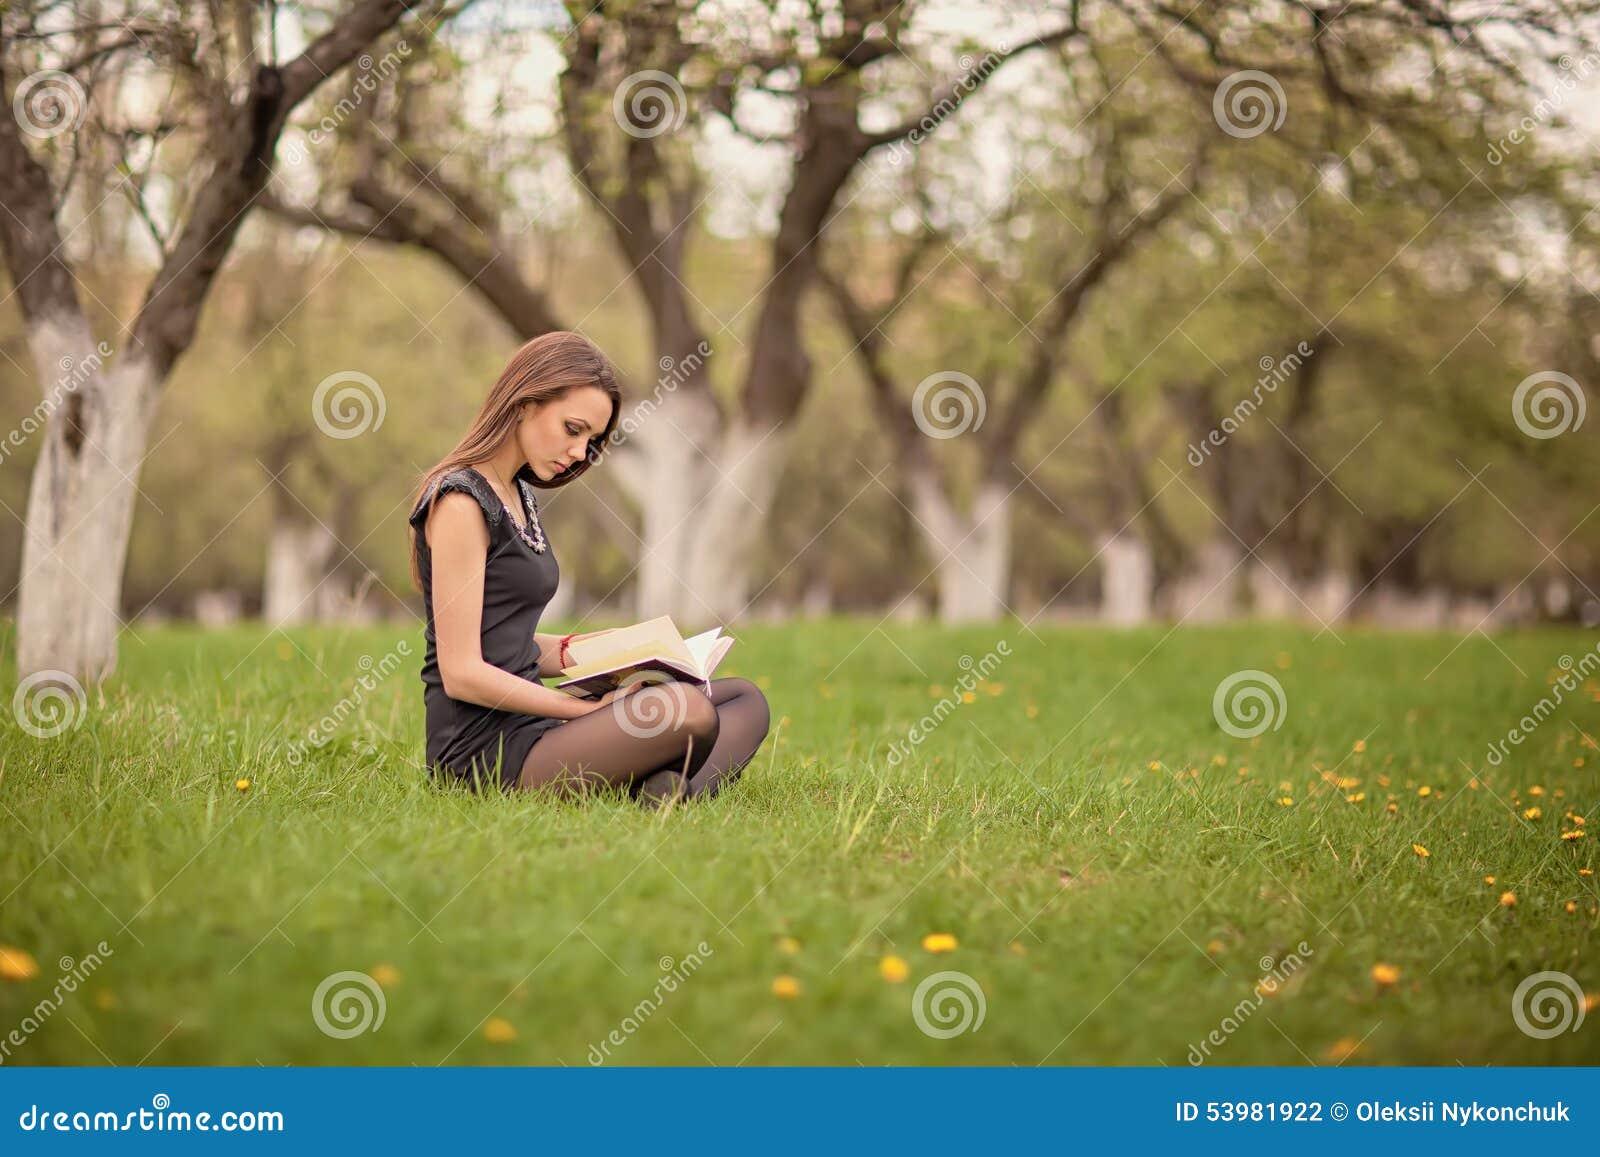 Ragazza che legge un libro sul prato inglese verde